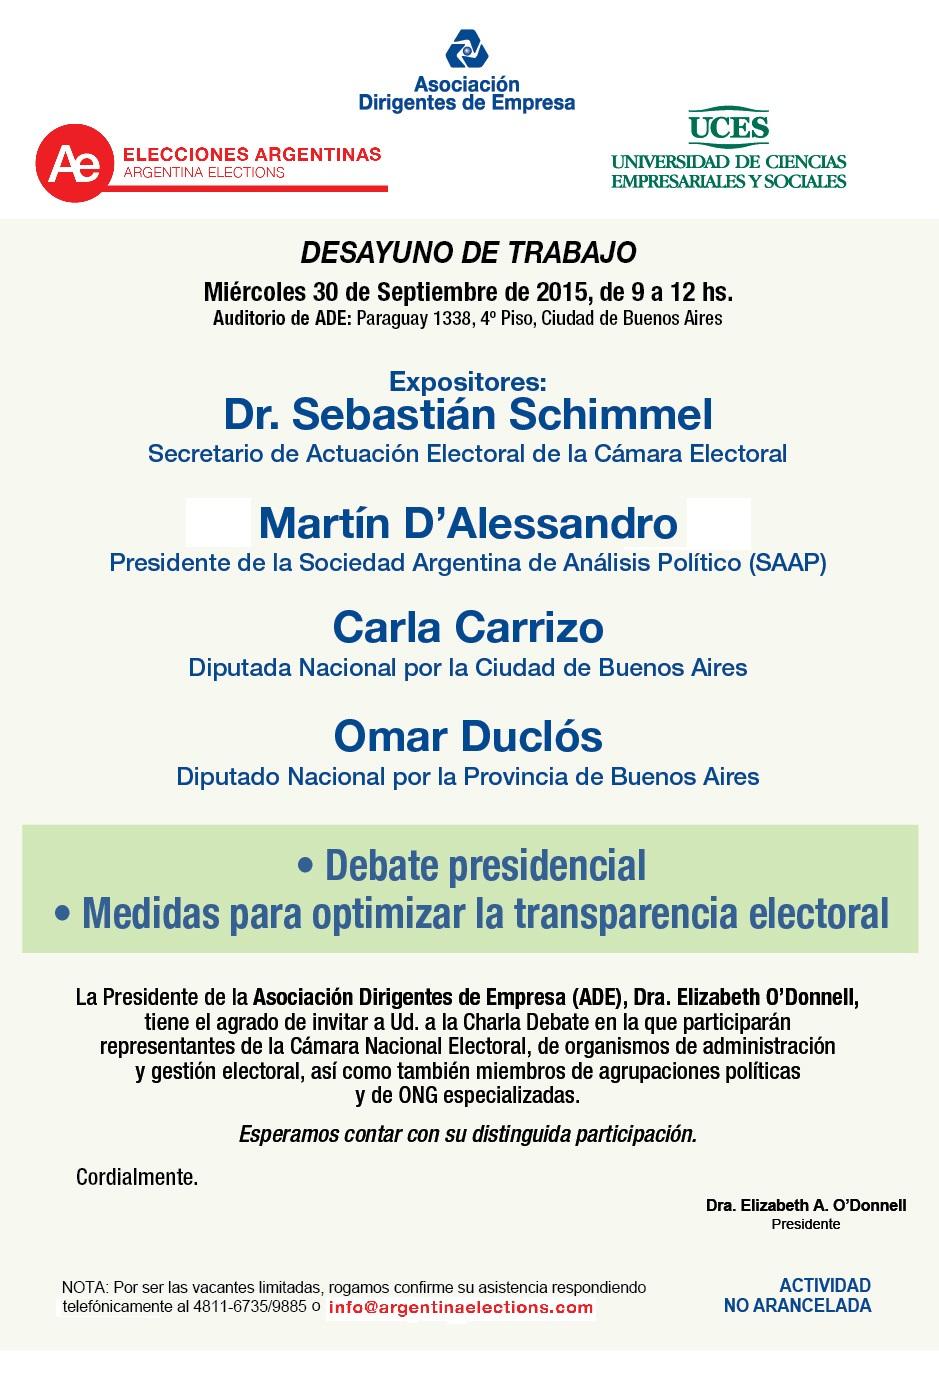 7051 FLYER INVITACION DESAYUNO DE TRABAJO DE ADE CON MIEMBROS DE